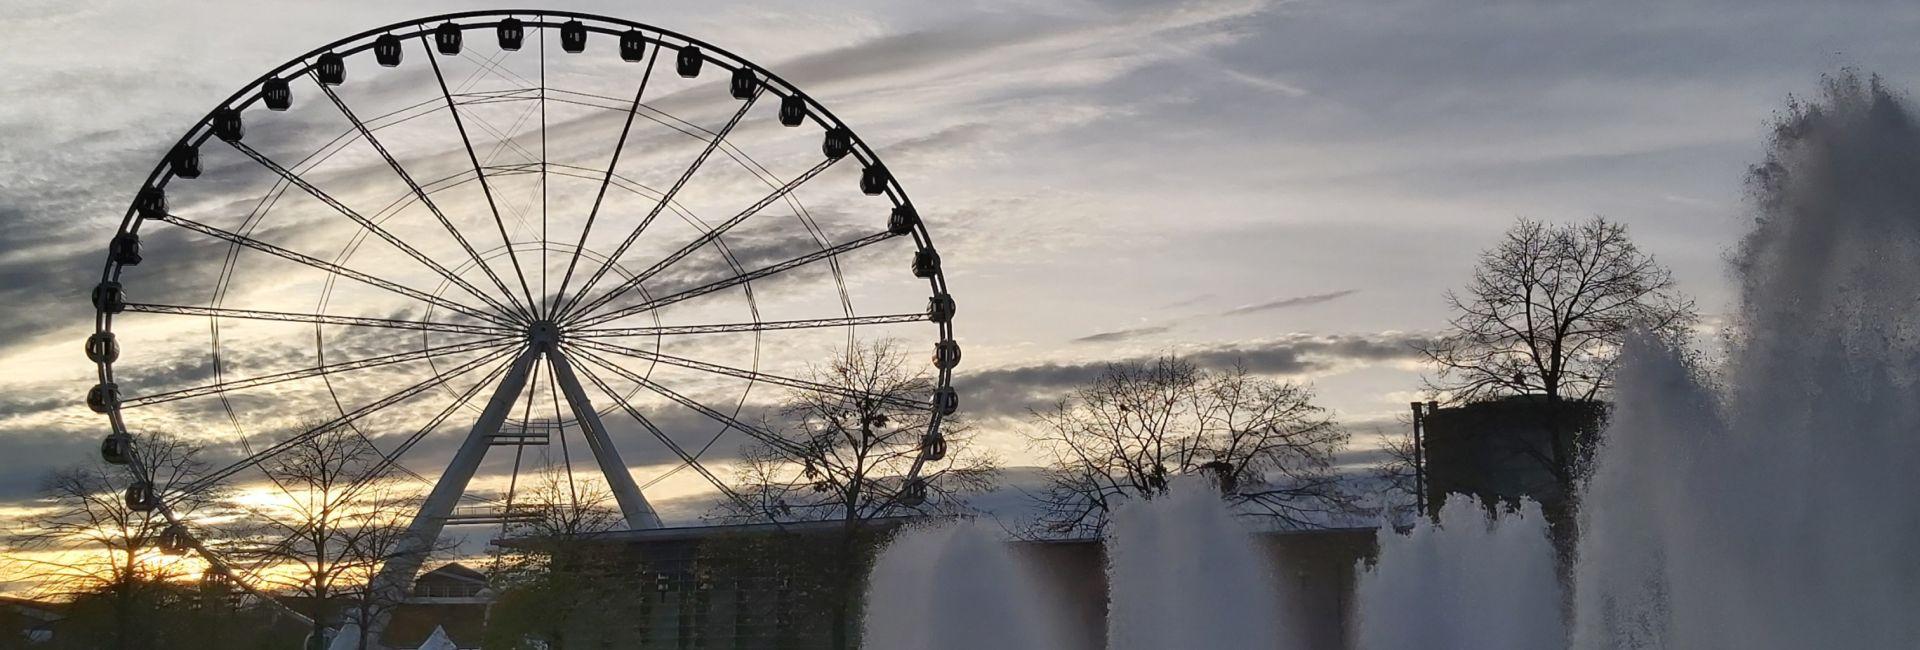 Riesenrad am Centro mit Wasserfontänen